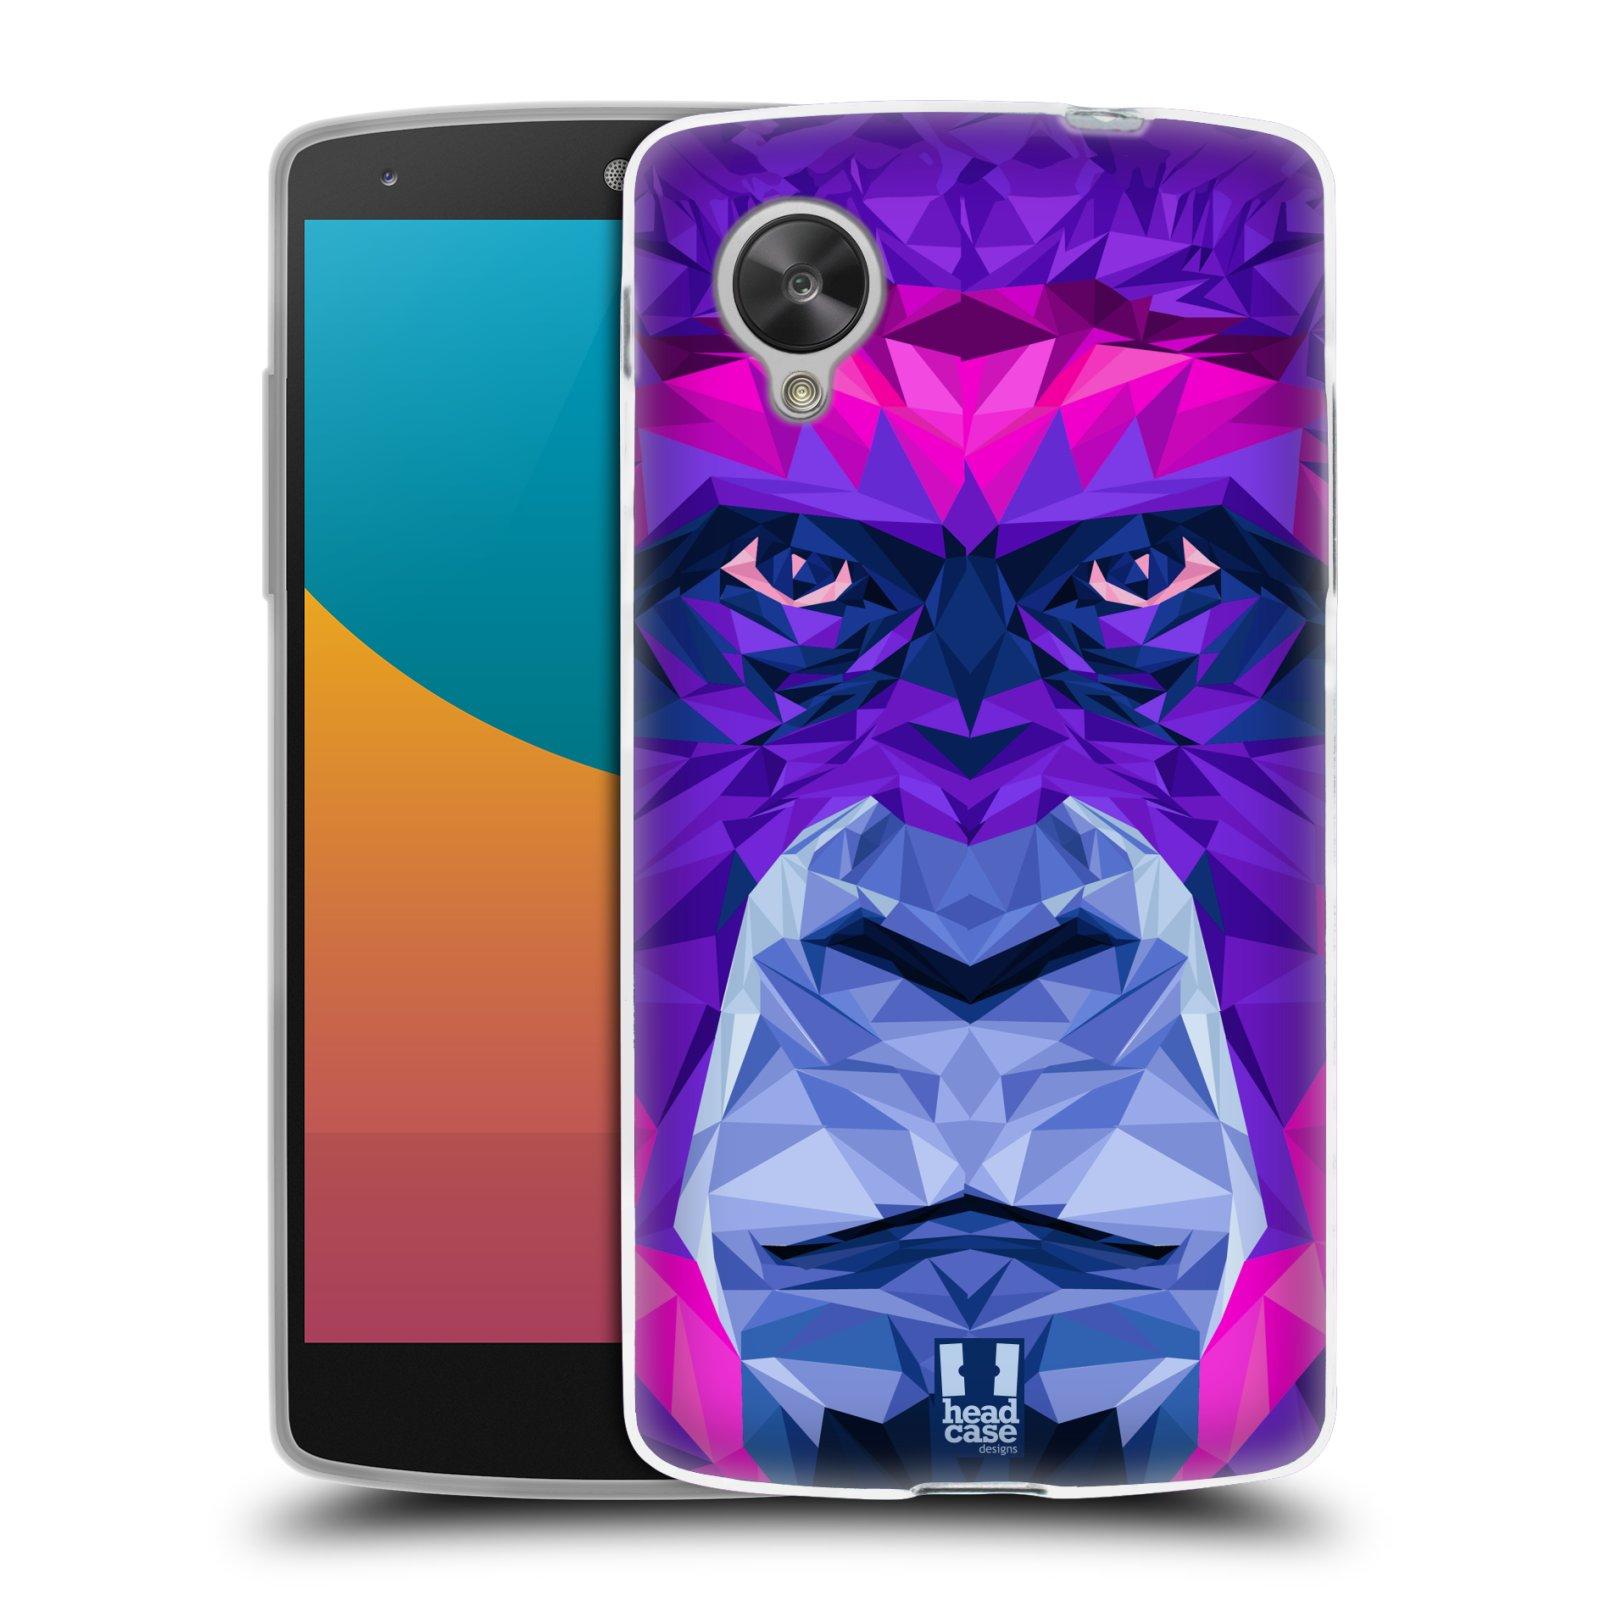 HEAD CASE silikonový obal na mobil LG NEXUS 5 (D821) vzor Geometrická zvířata 2 Orangutan